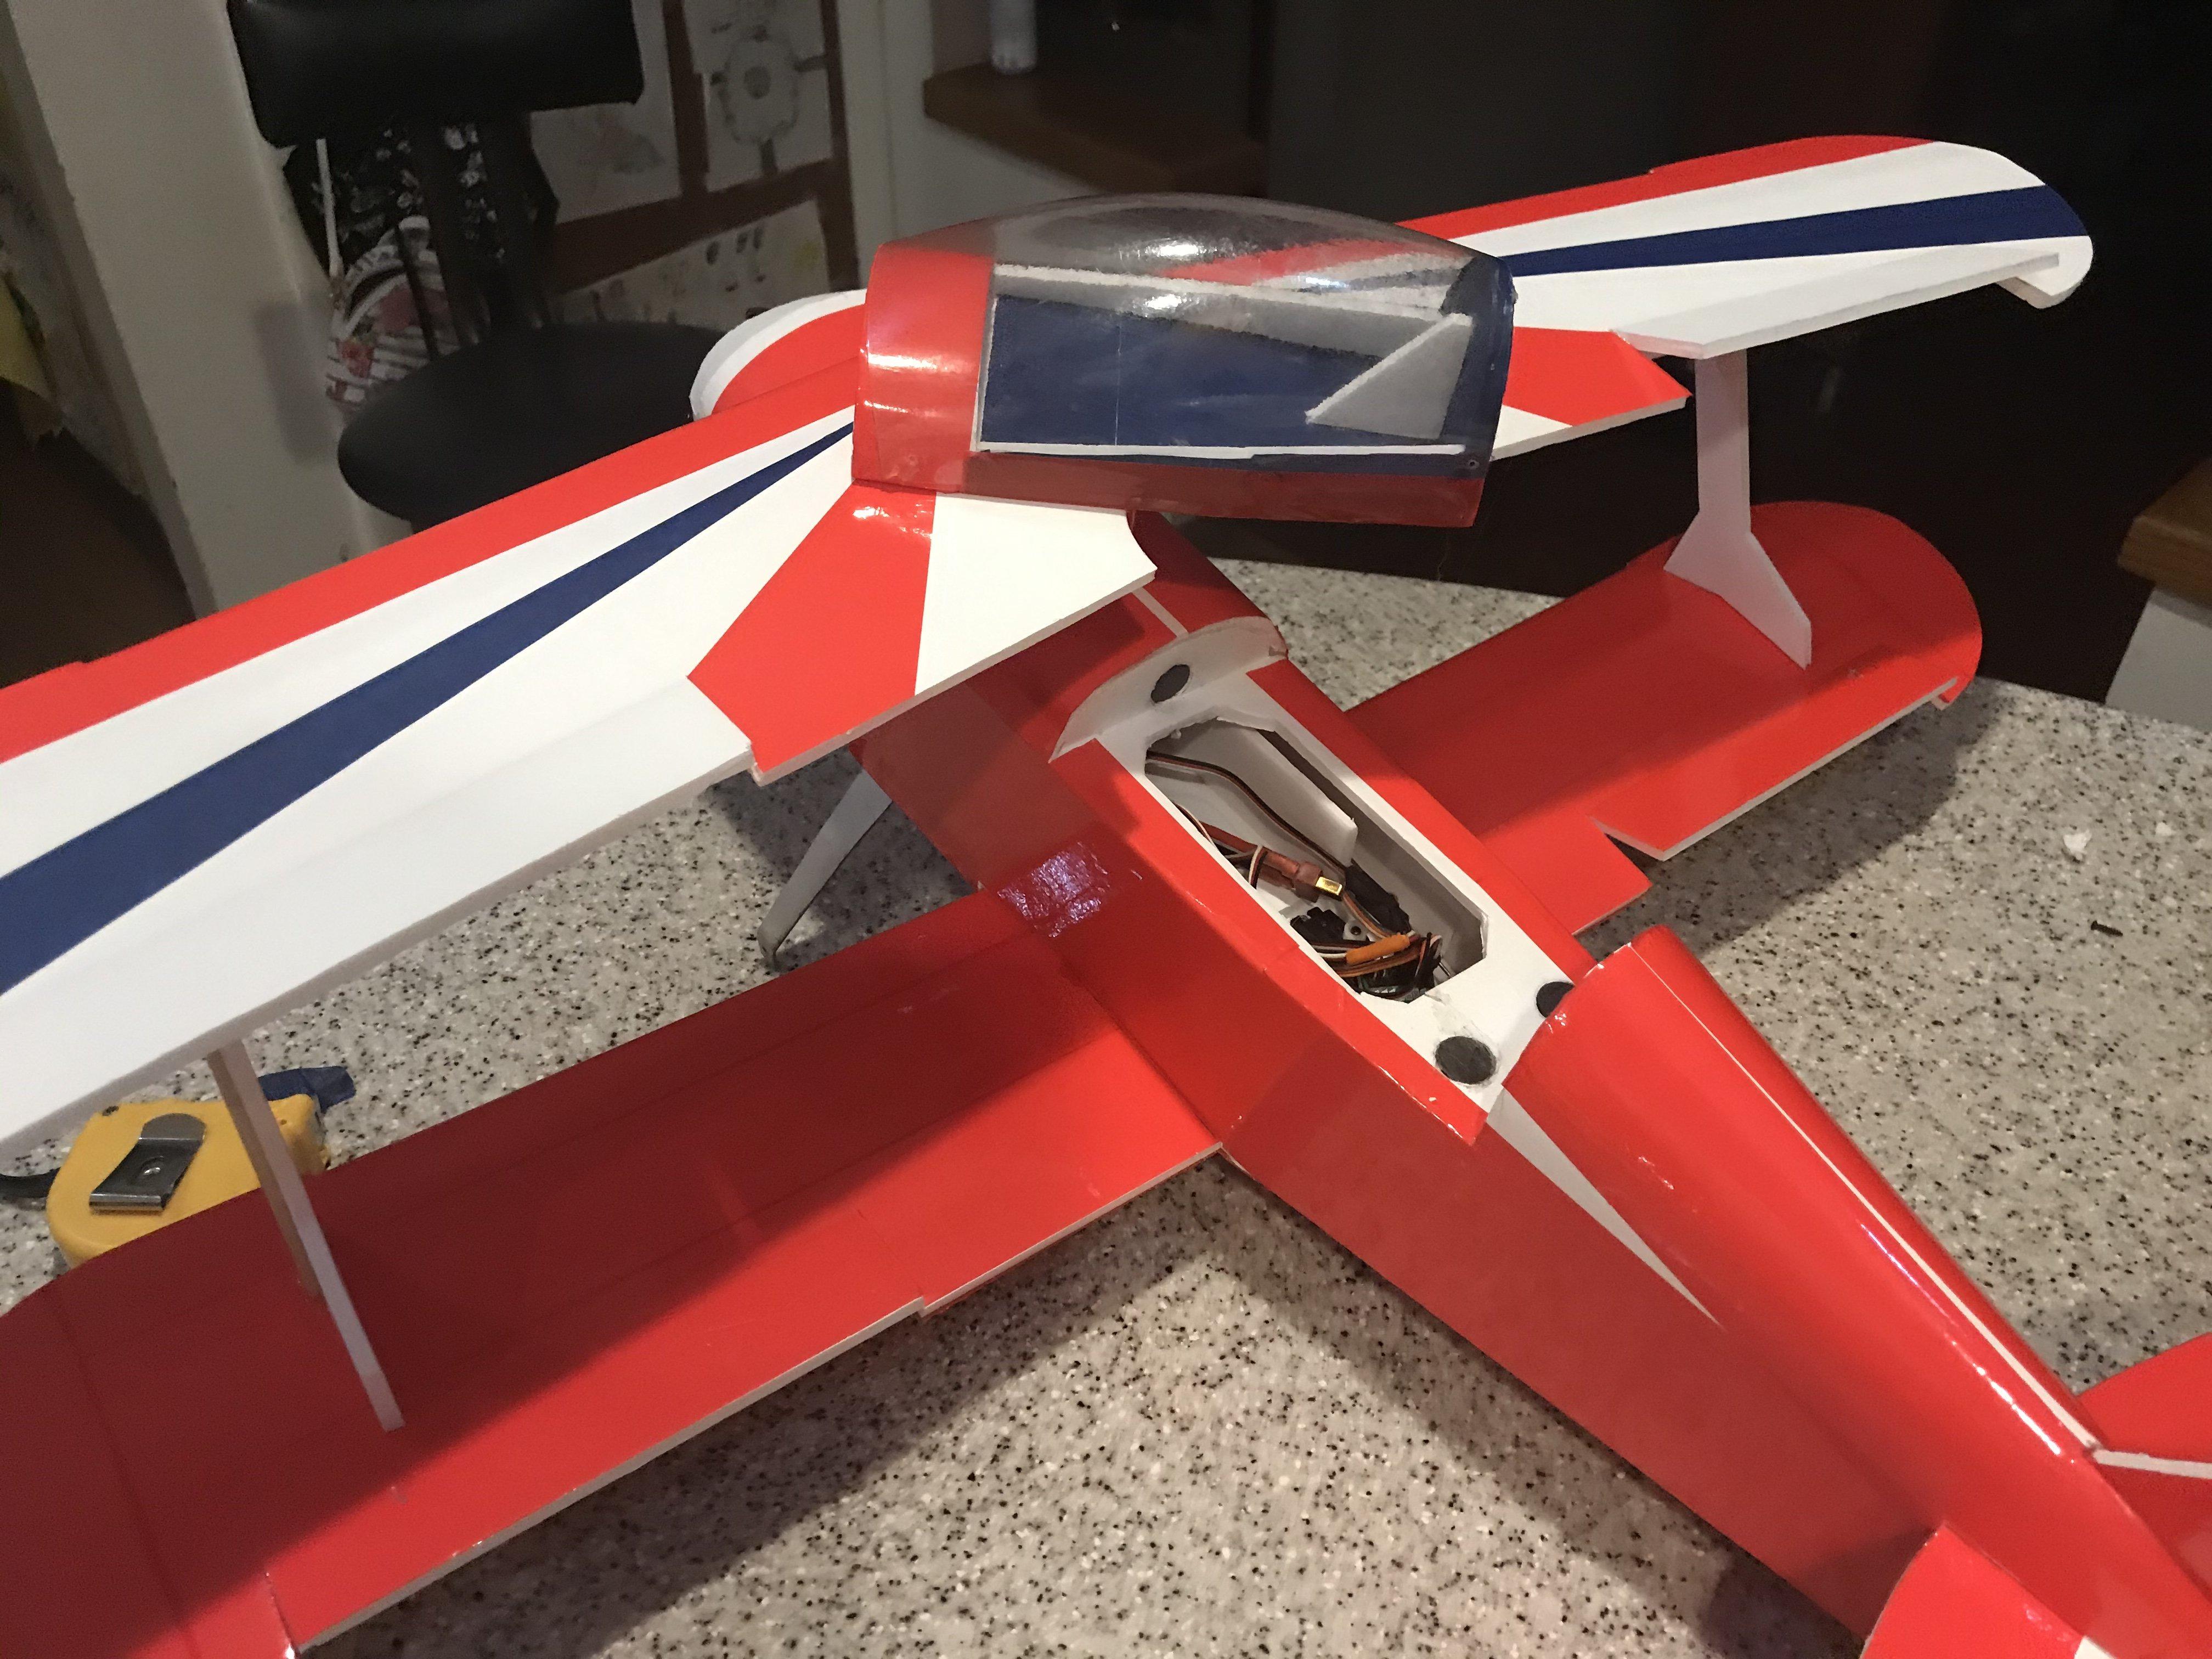 C441F900-429D-47B4-B5E9-48C8F8338FB8.jpeg